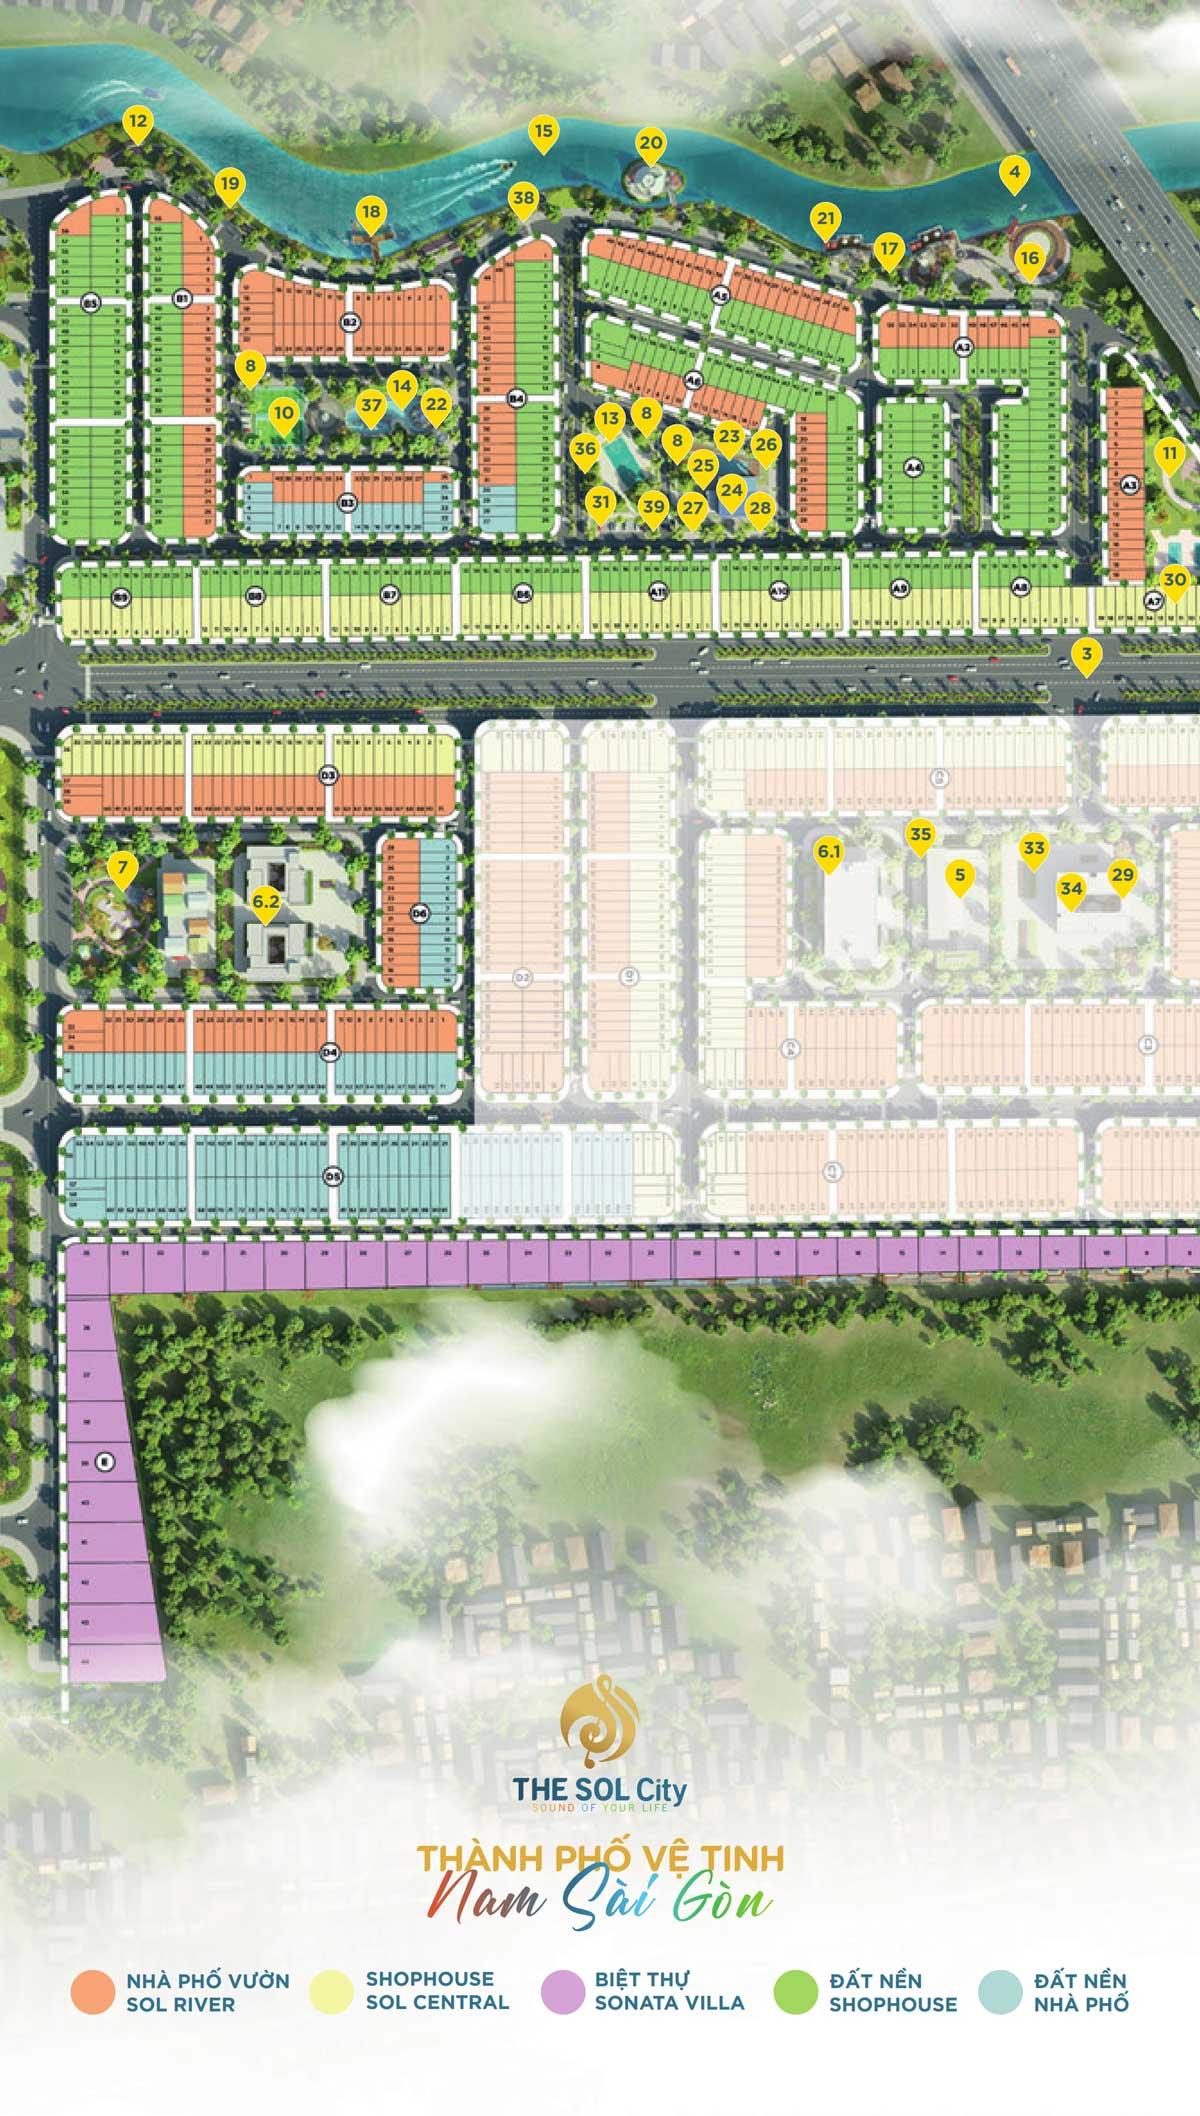 39 tiện ích thiết thực của dự án The Sol City